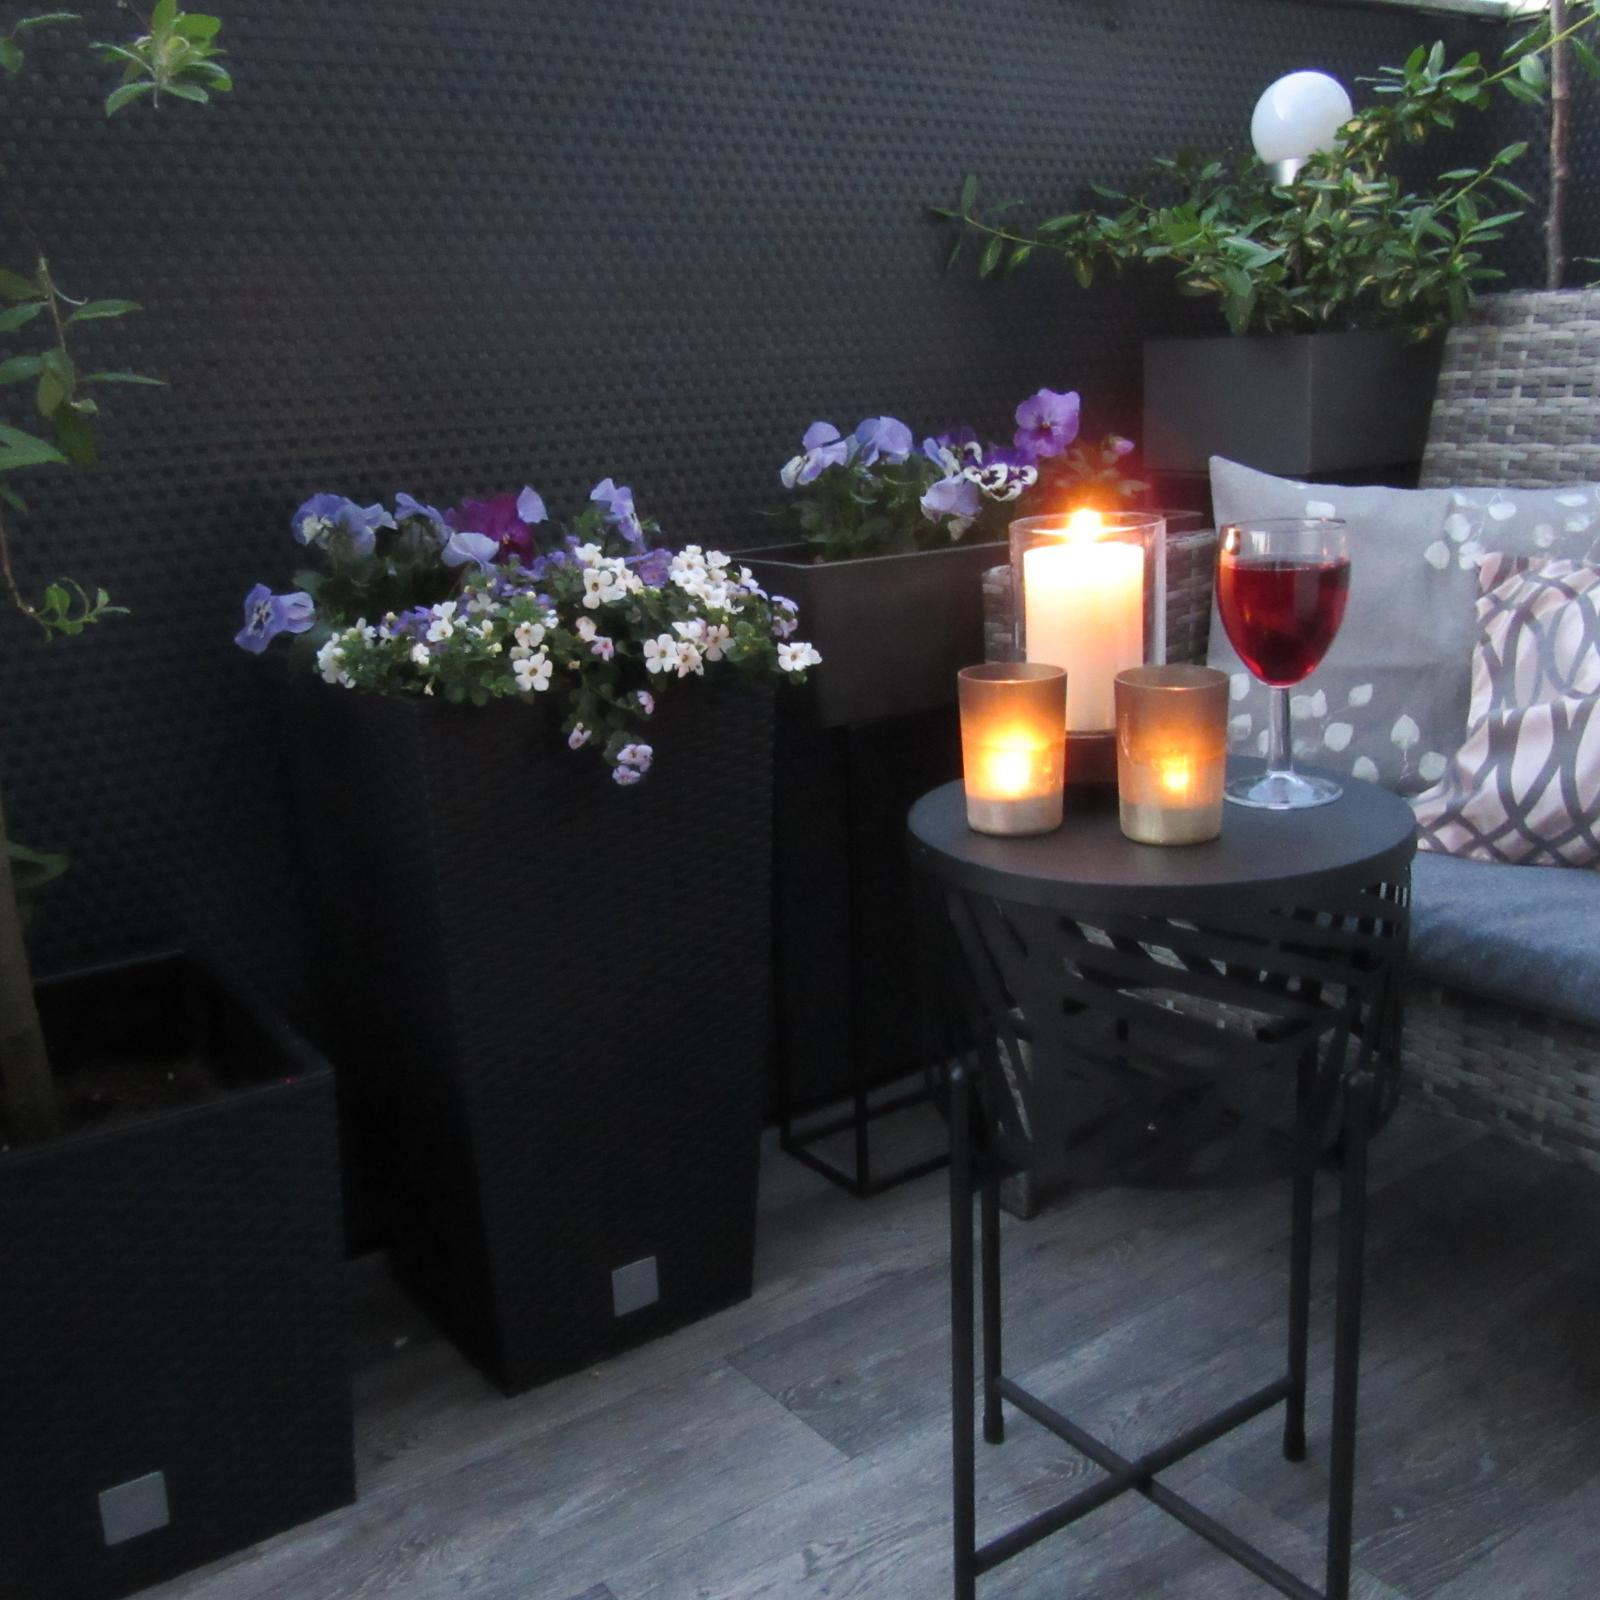 Nové Doma- první rok 2020 - včerejší večerní relax na terase:)